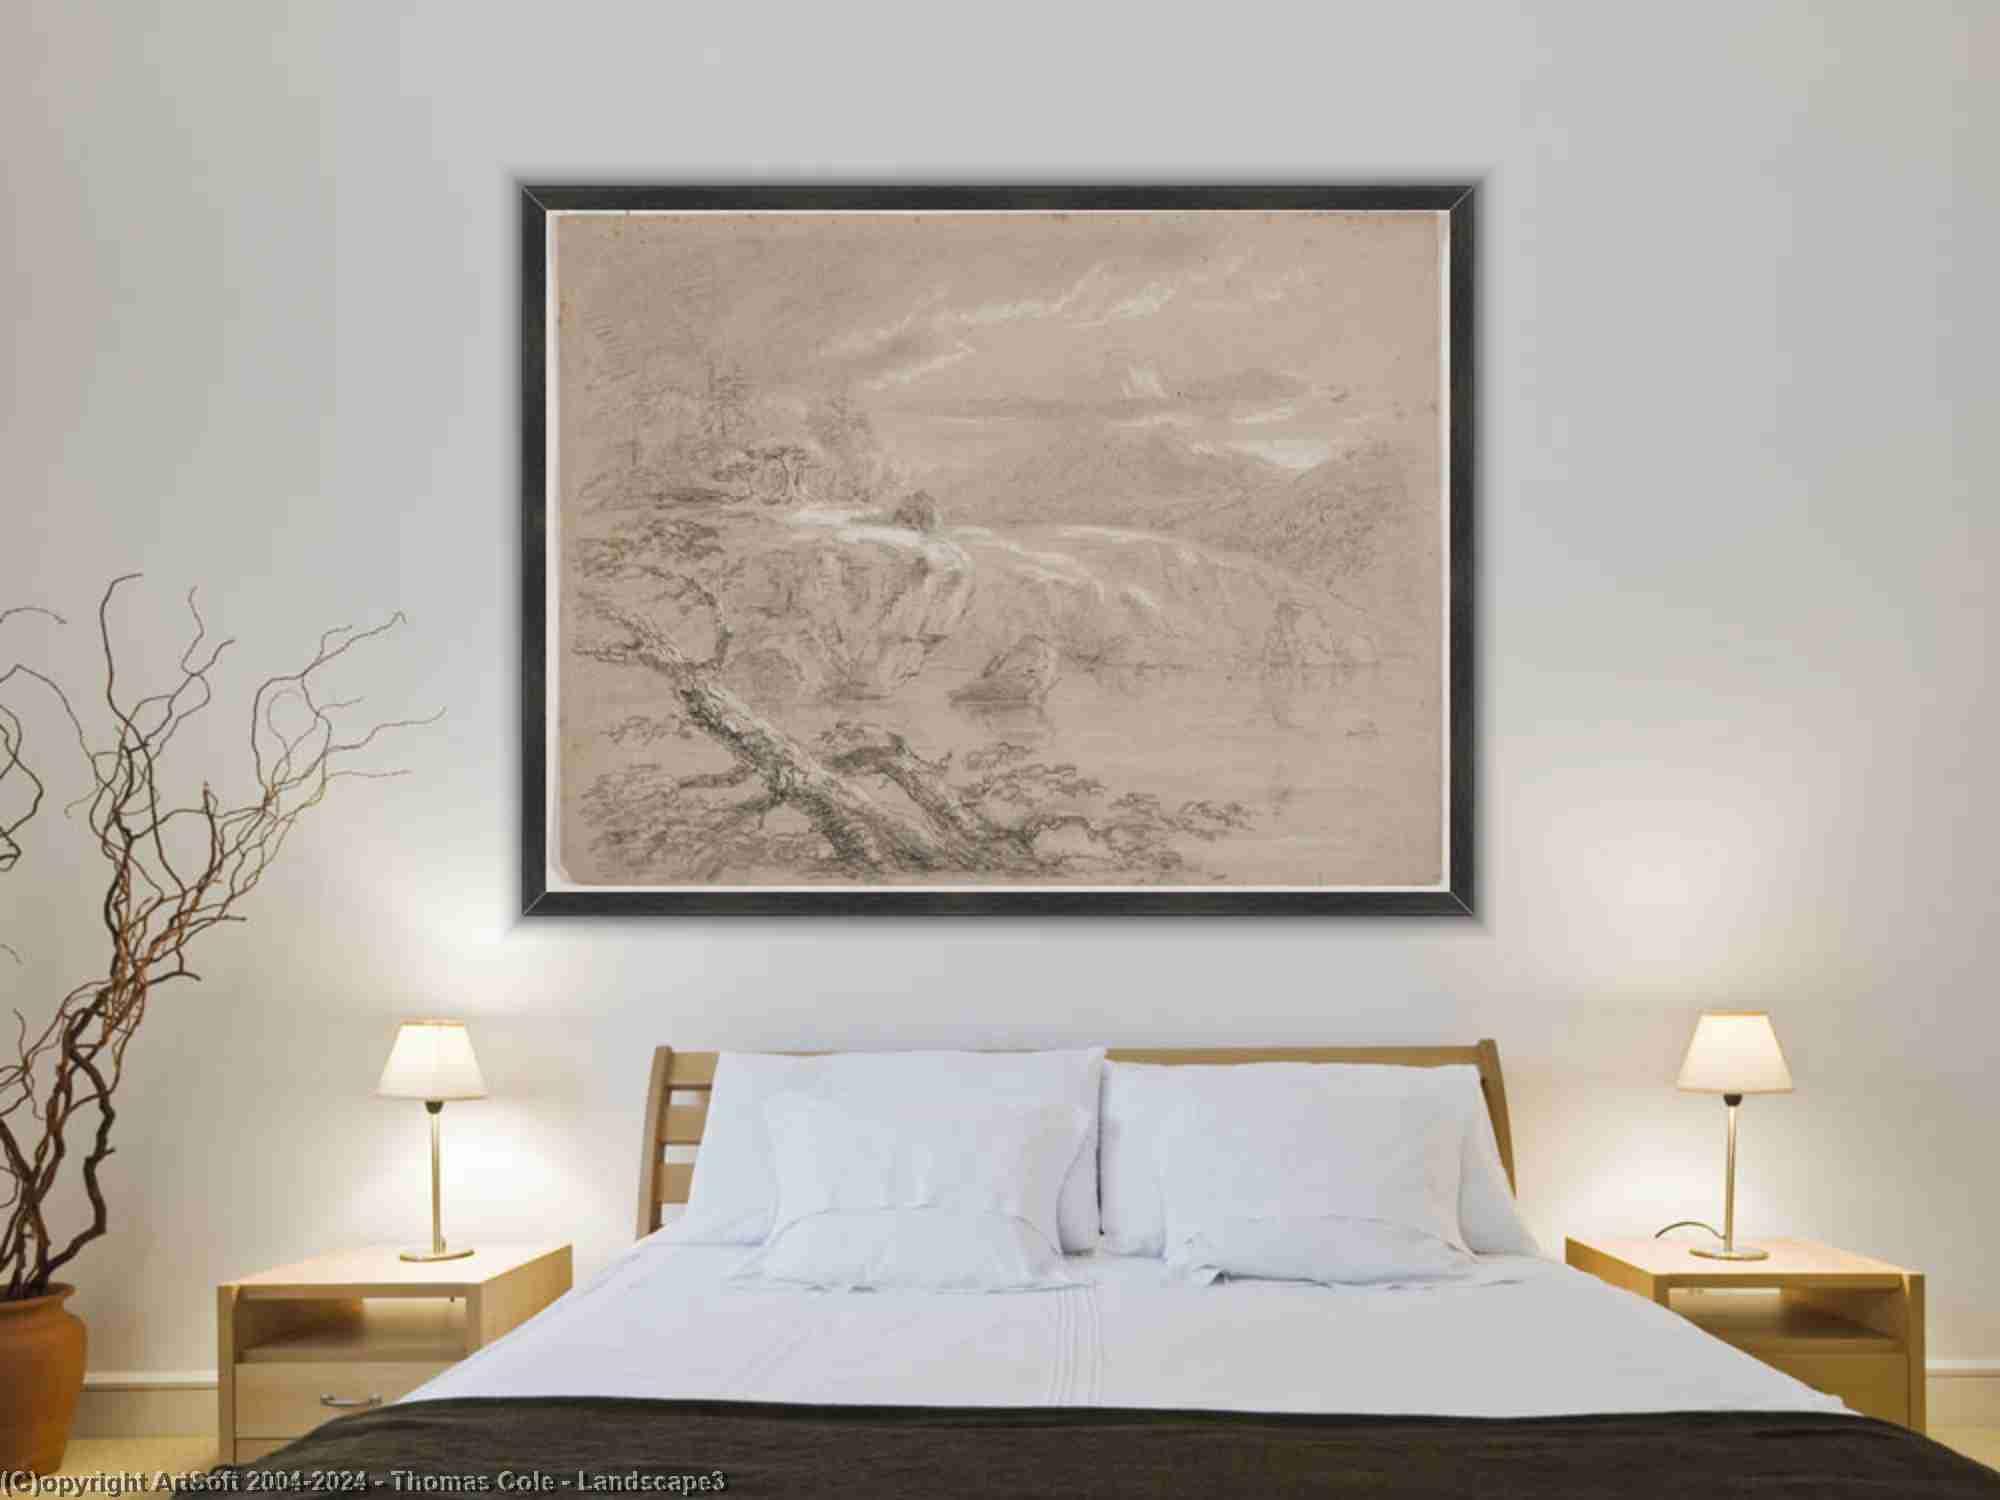 Thomas Cole - landscape3